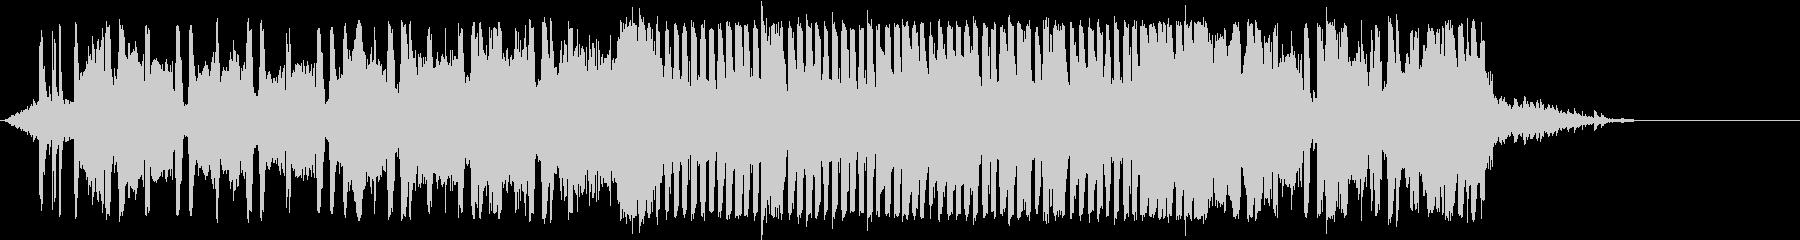 オープニングSE / EDM風/アイドルの未再生の波形